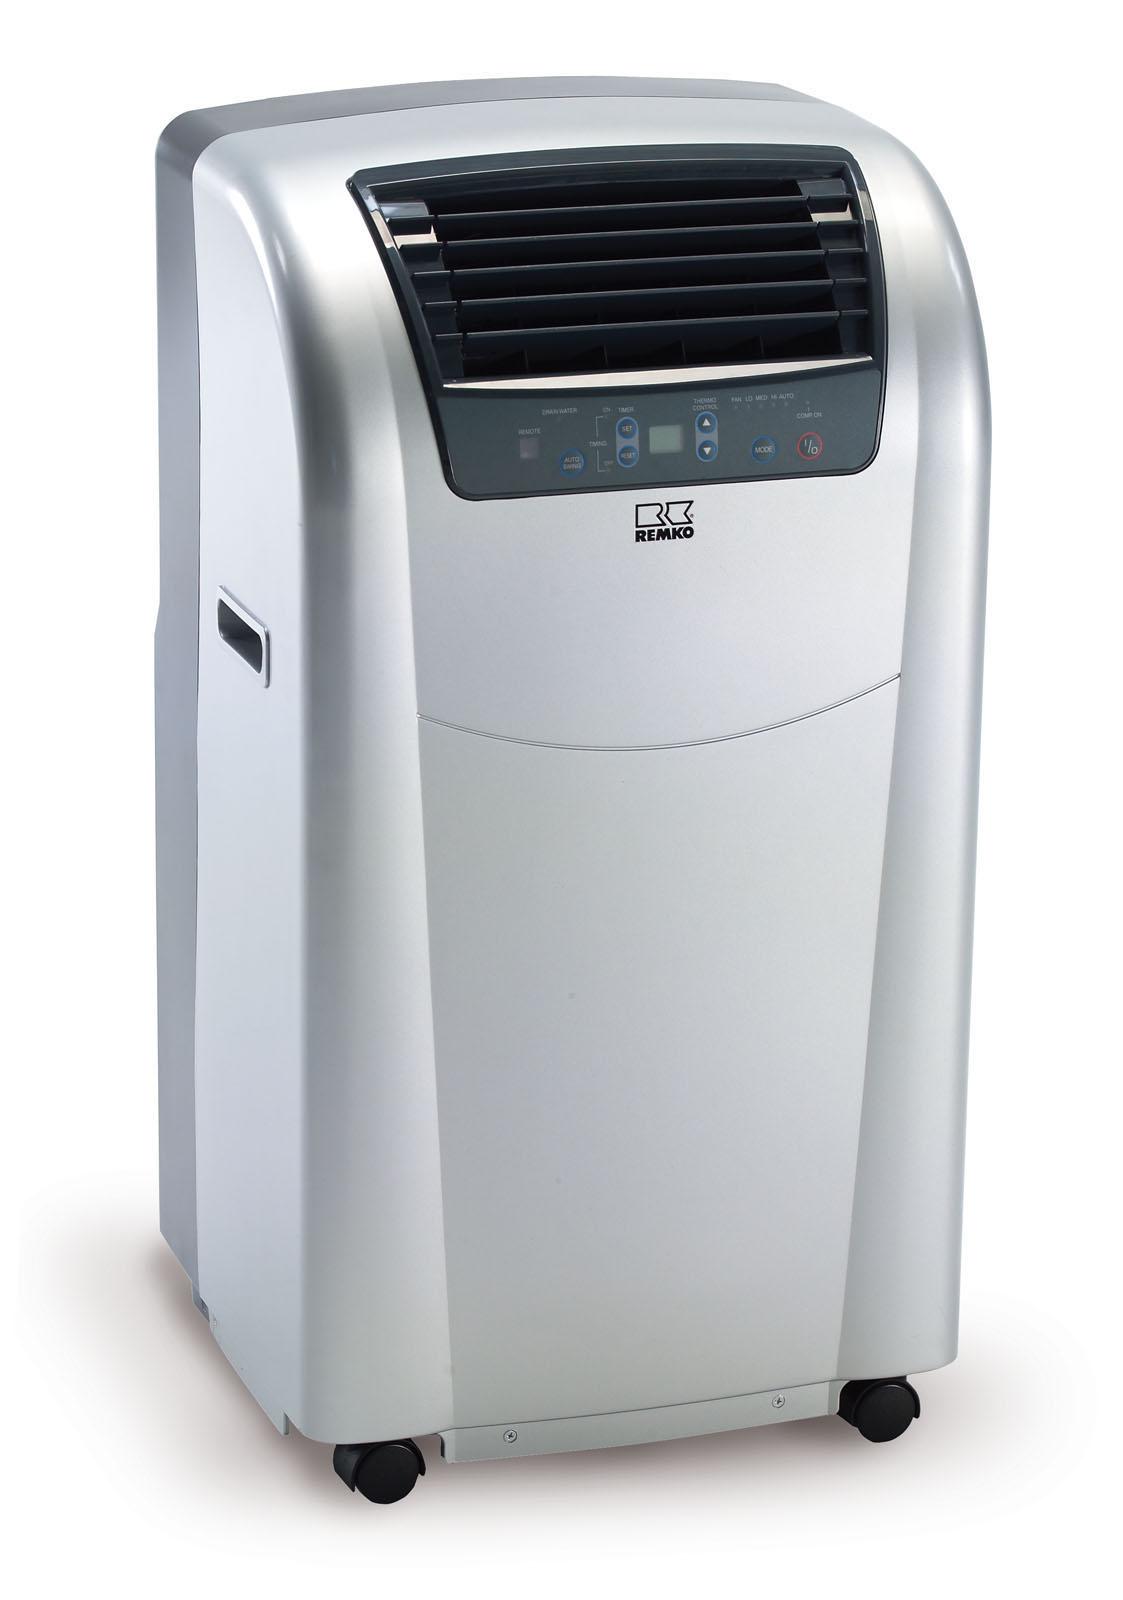 Mobilní klimatizace REMKO RKL300 S-line + Prodloužená záruka 3 roky + PREMIUM Servis Remko